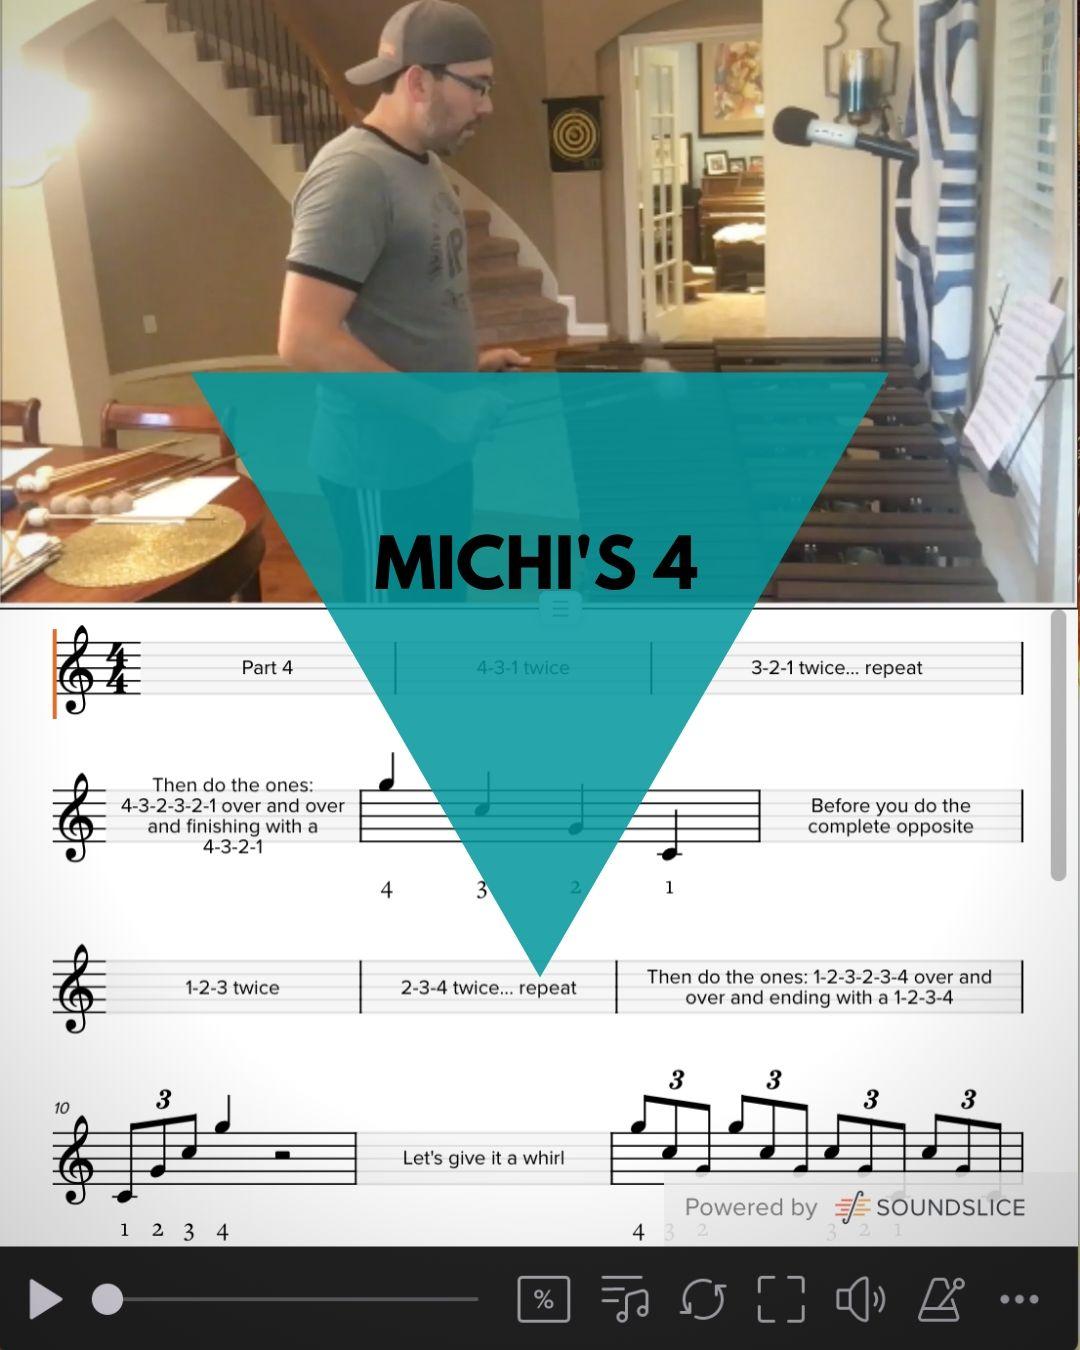 Michi's #4